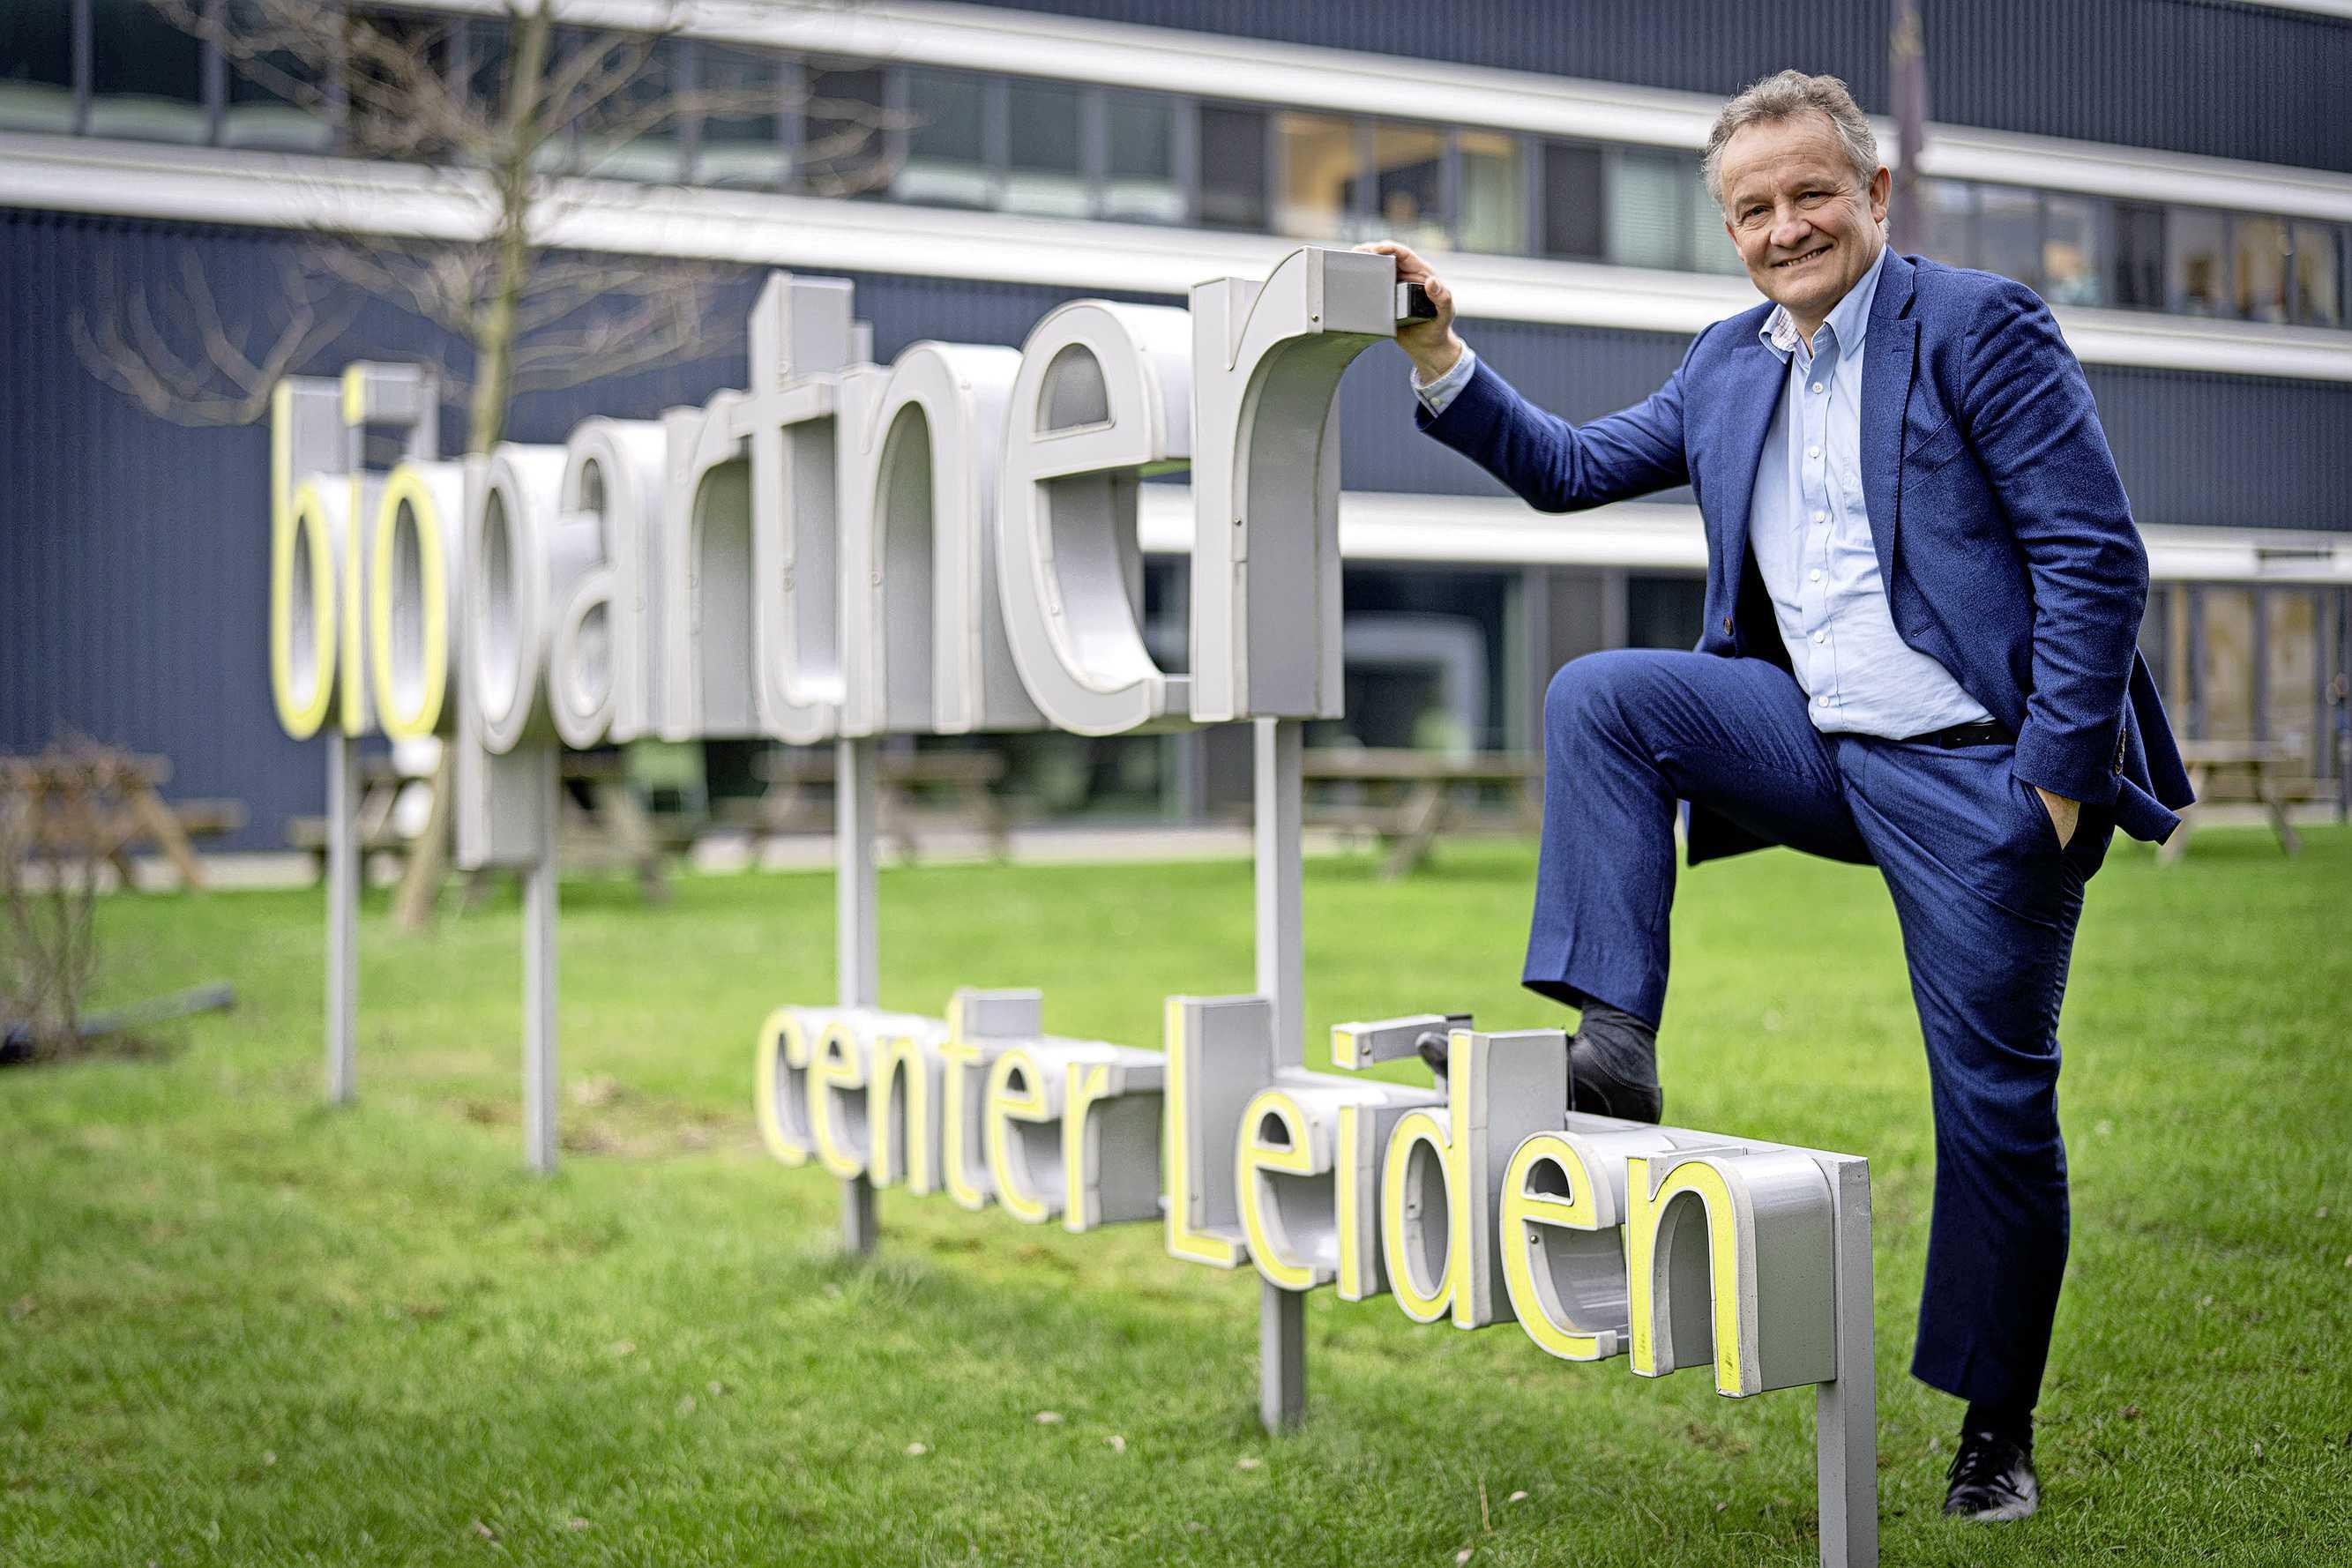 Lunchroom, auditorium, plek voor evenementen? Directeur van BioPartner Center Leiden droomt alweer aan een volgend project